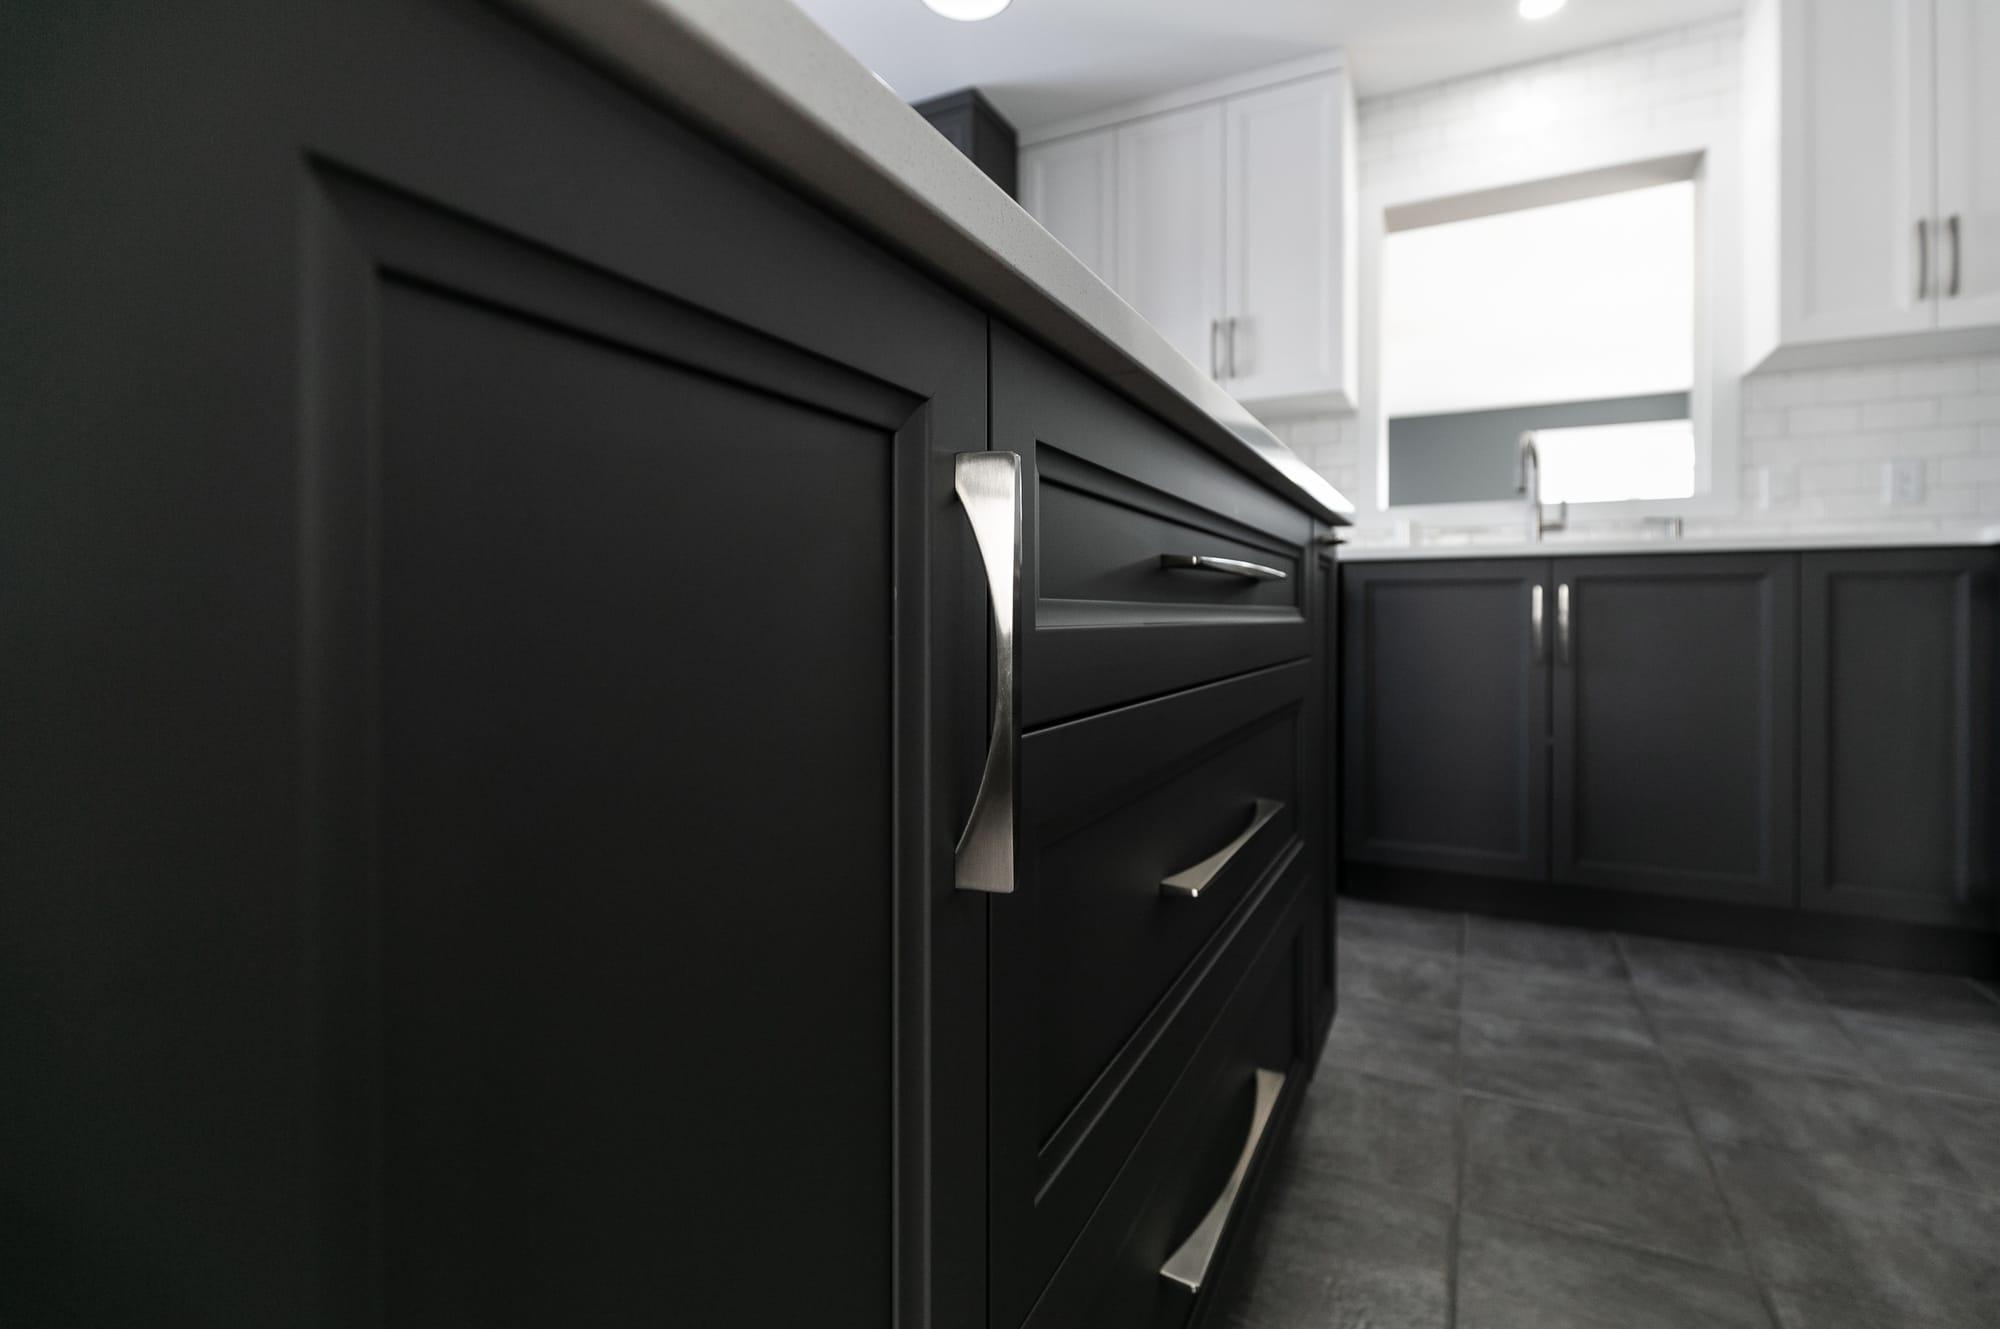 armoires de cuisine deux tons grises et blanches avec comptoir en quartz et poignées en stainless